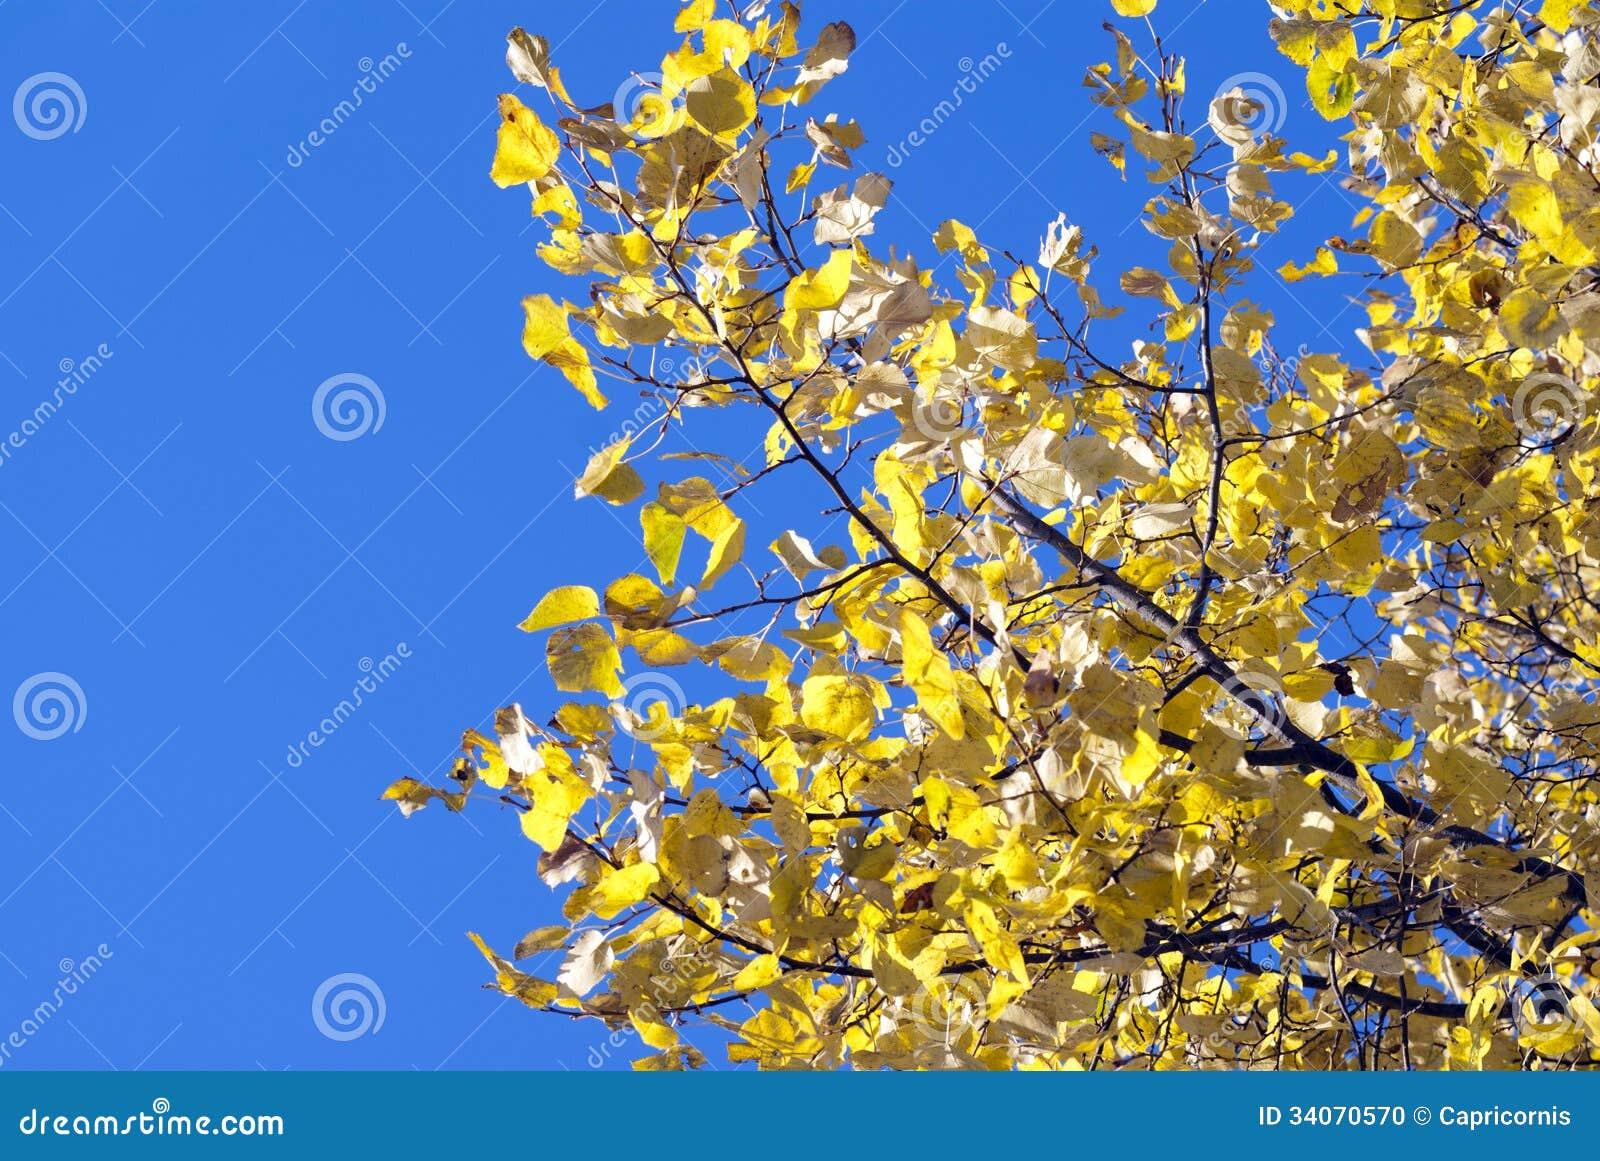 La Caída Colorea Las Hojas Amarillas De Oro Del árbol De Hoja Caduca ...